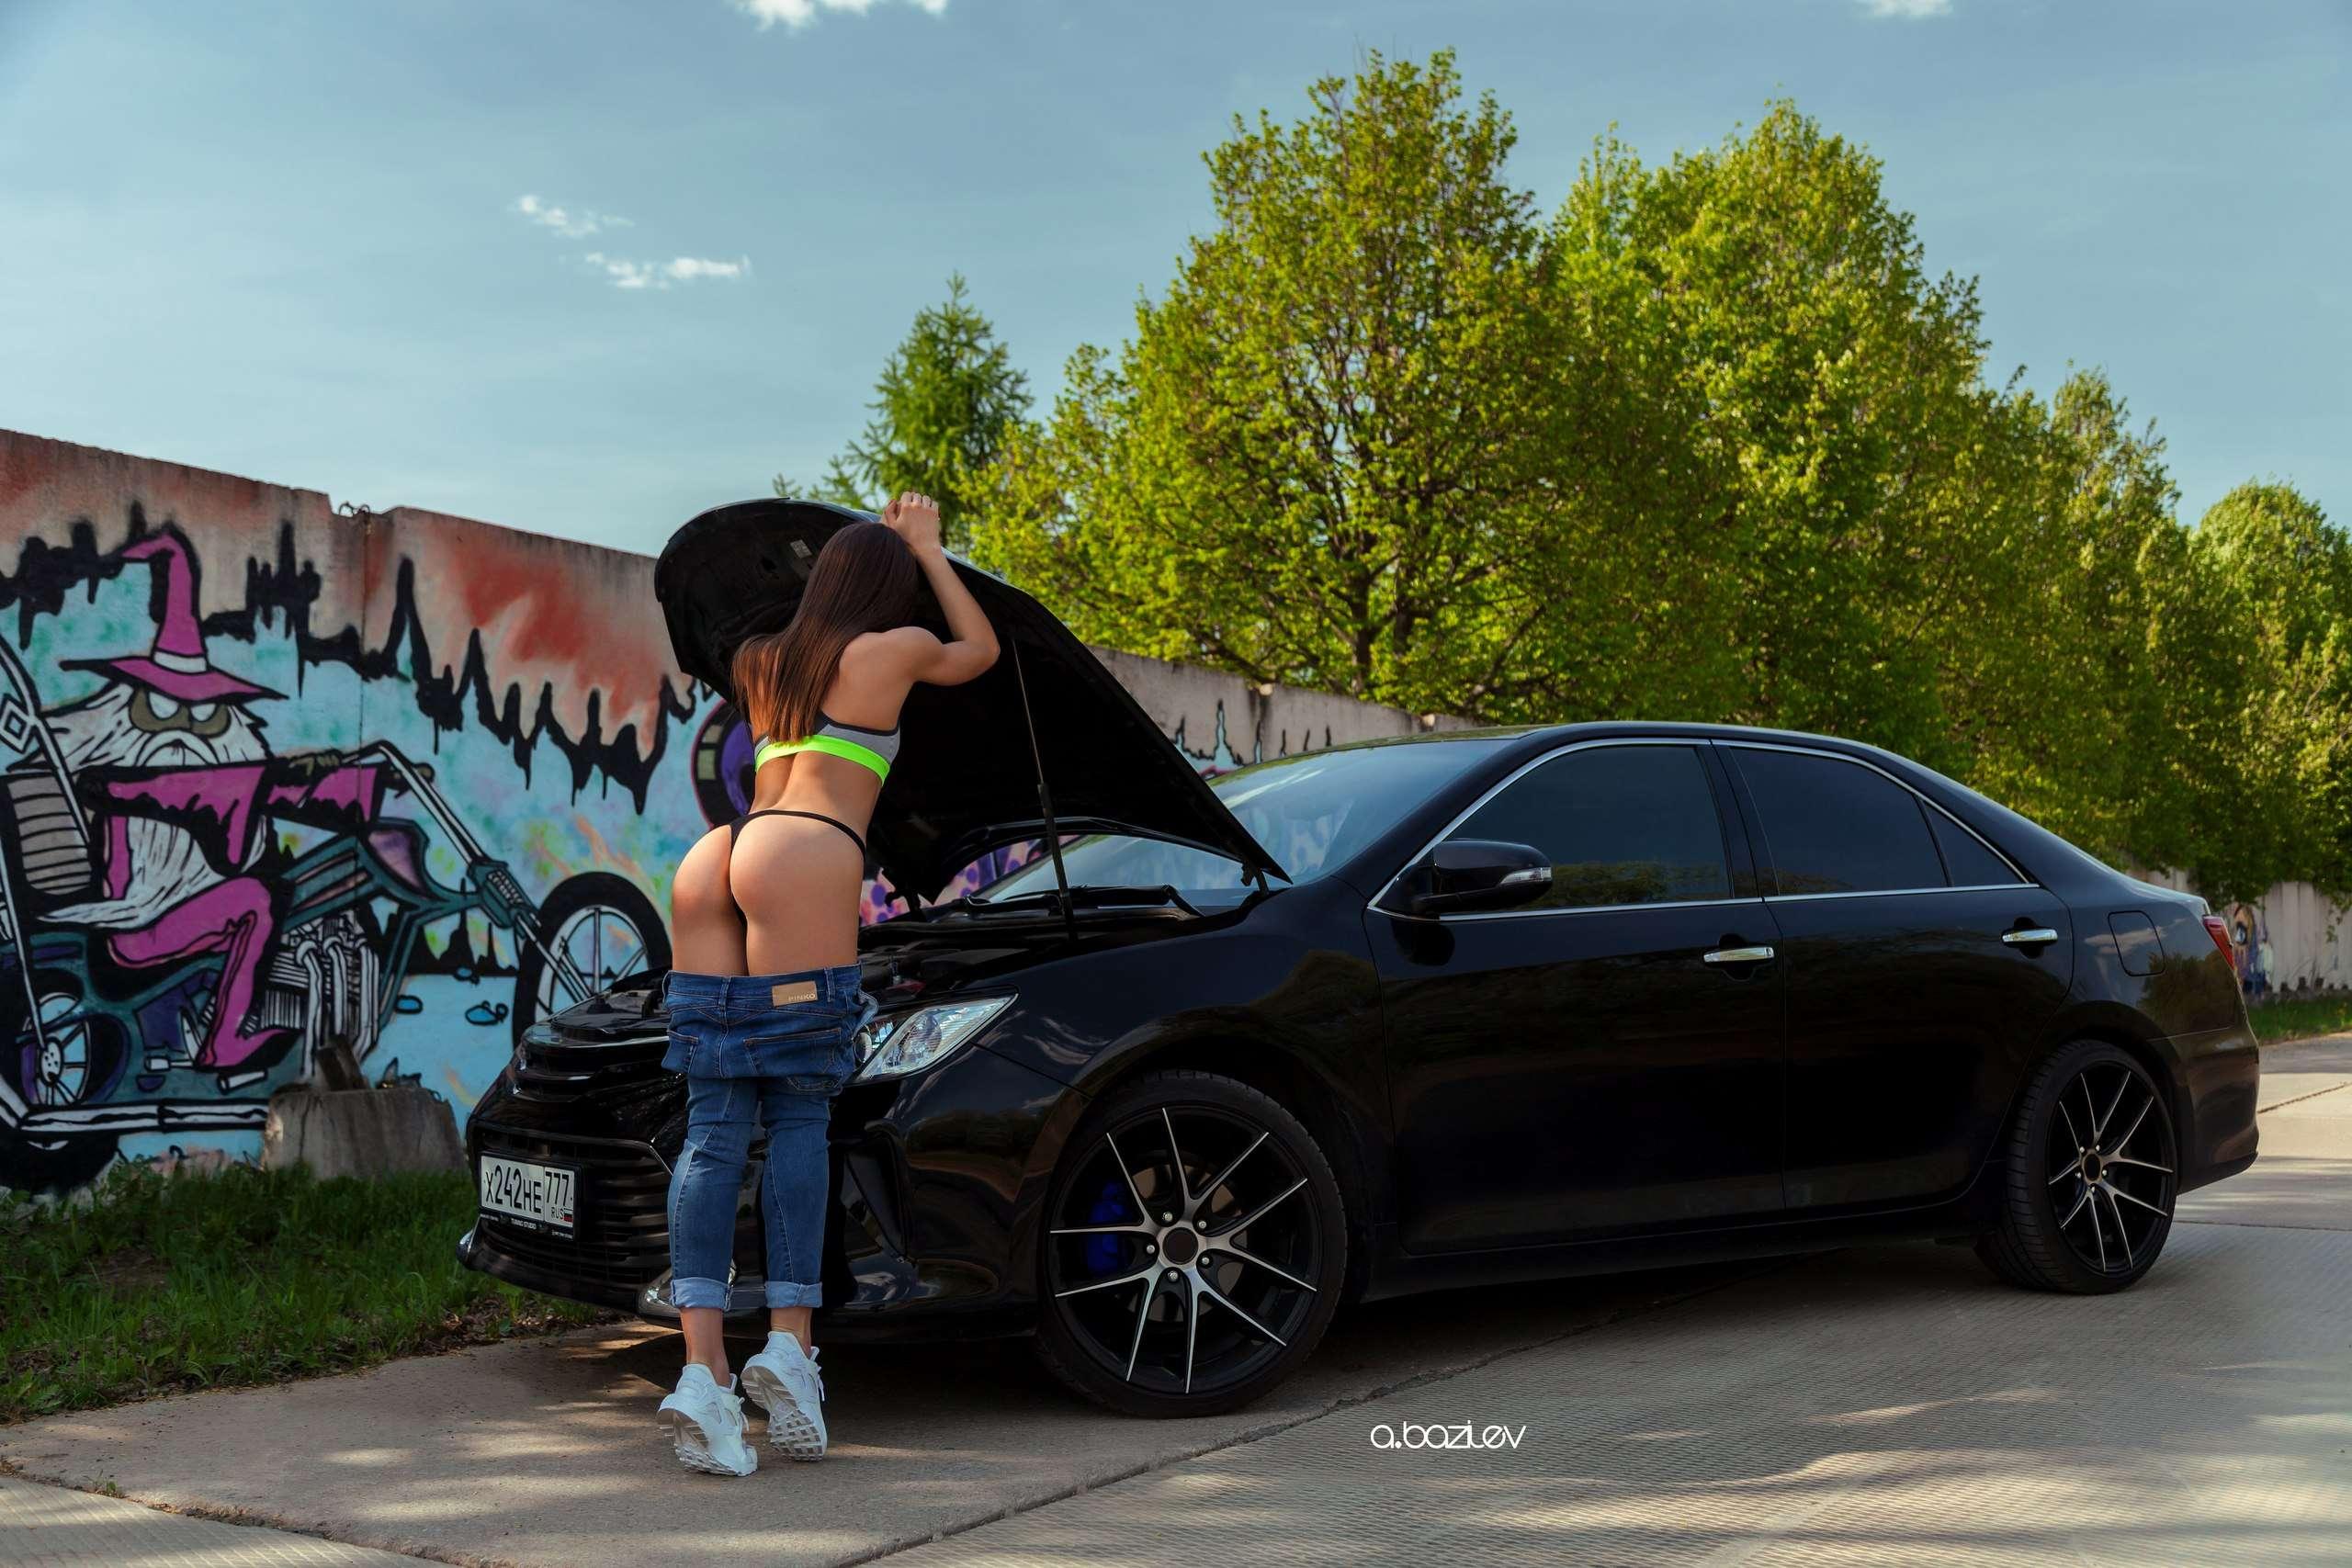 537oK7K2PUU - Сексуальные девушки и автомобили (часть 10)